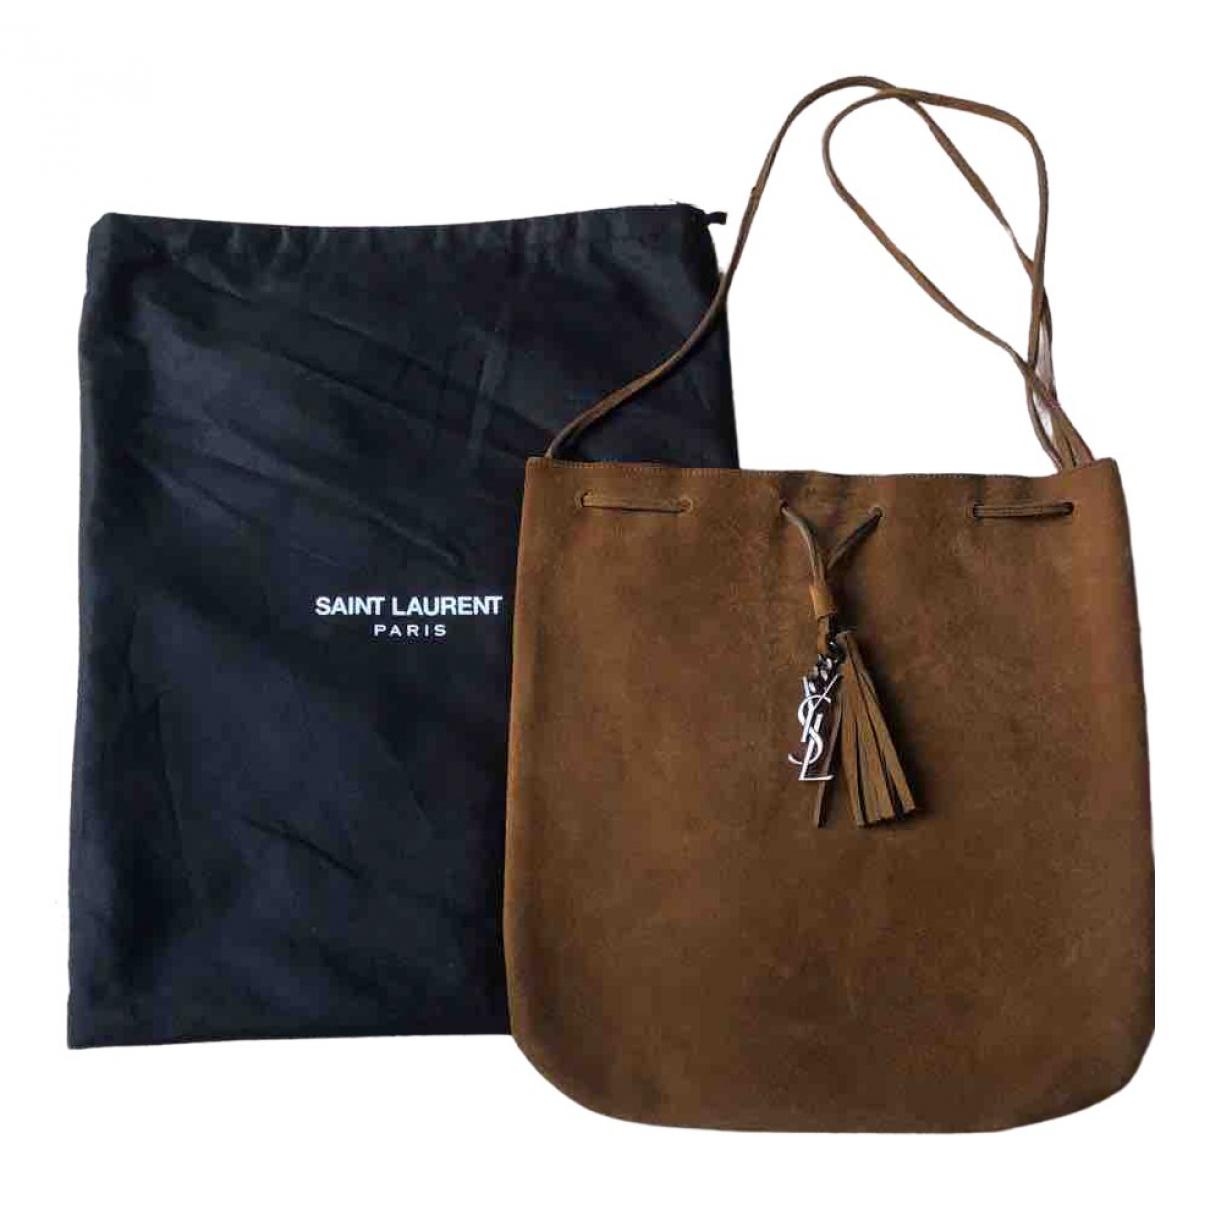 Saint Laurent \N Handtasche in  Braun Veloursleder